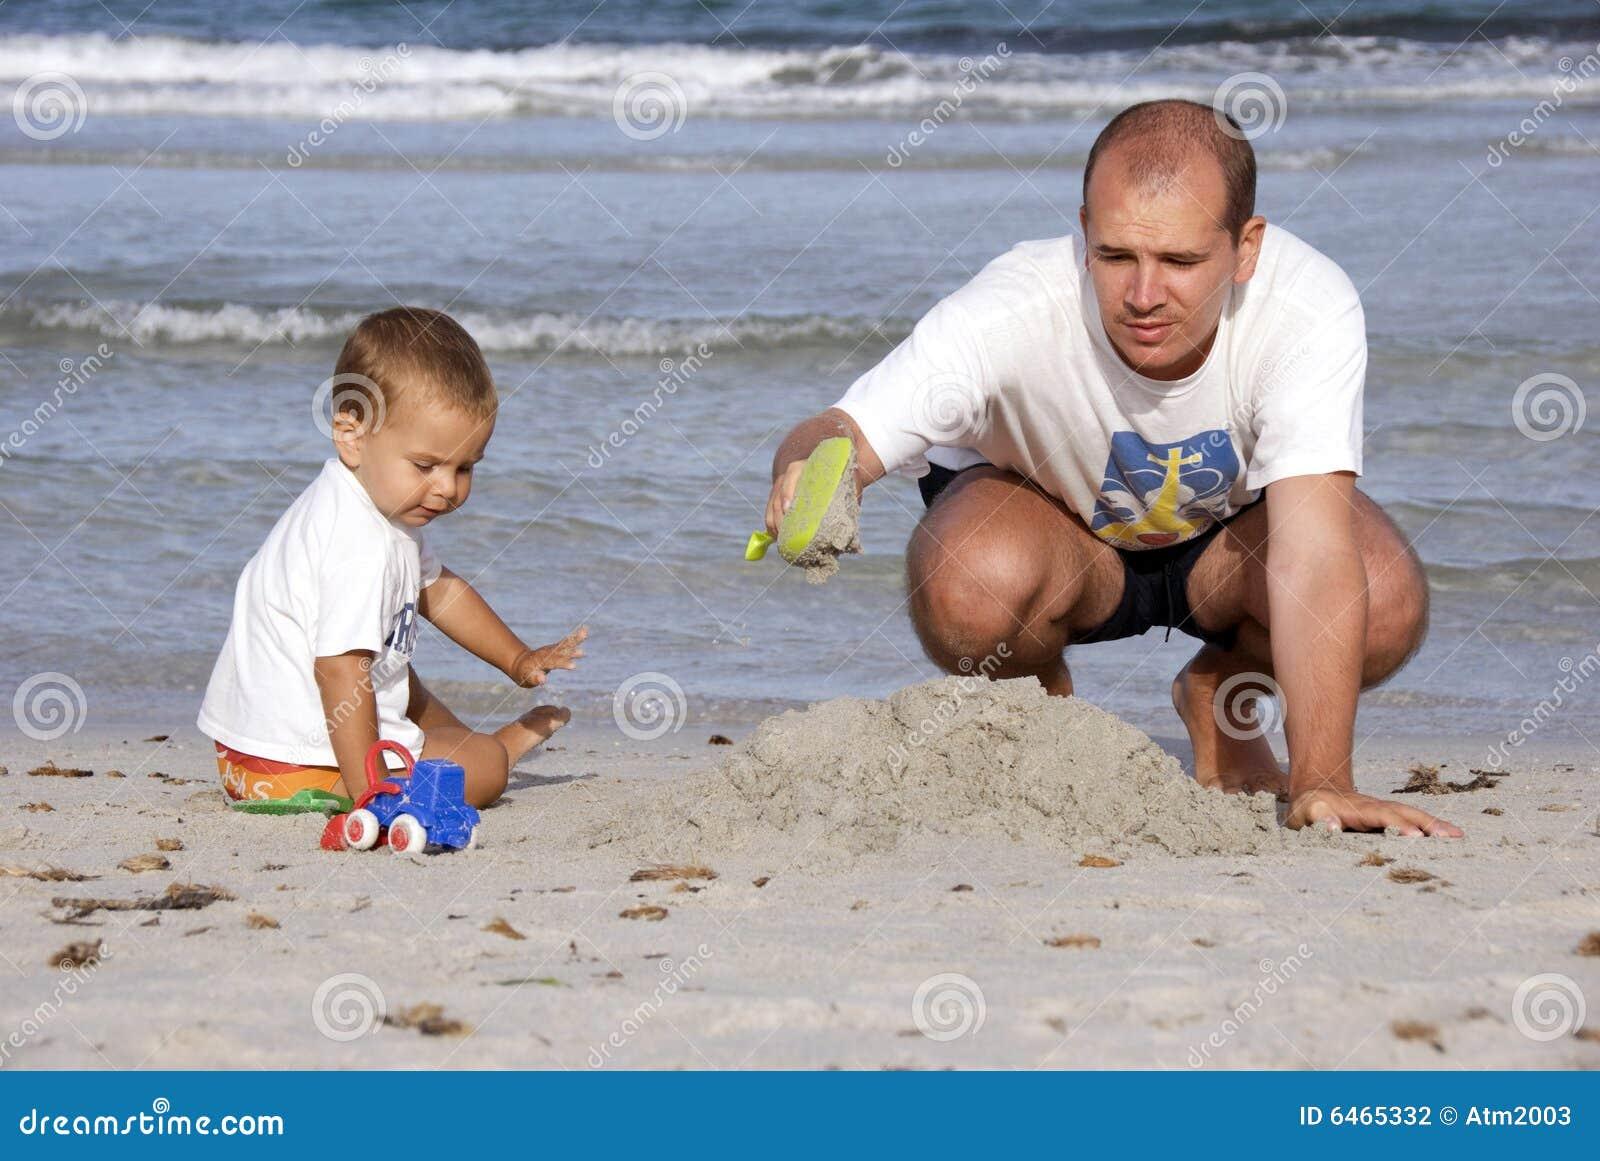 Ojca i syna na plaży